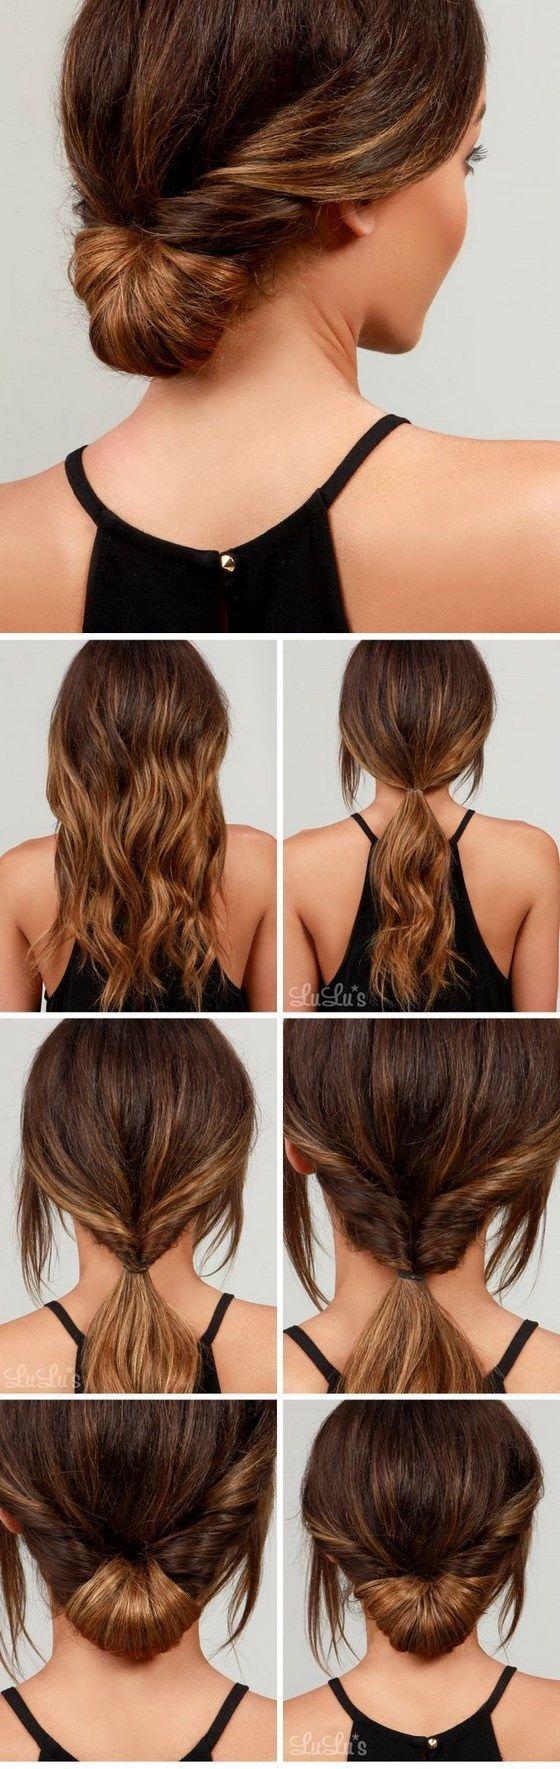 cabello-recogido-sencillo.jpg (560×1769):